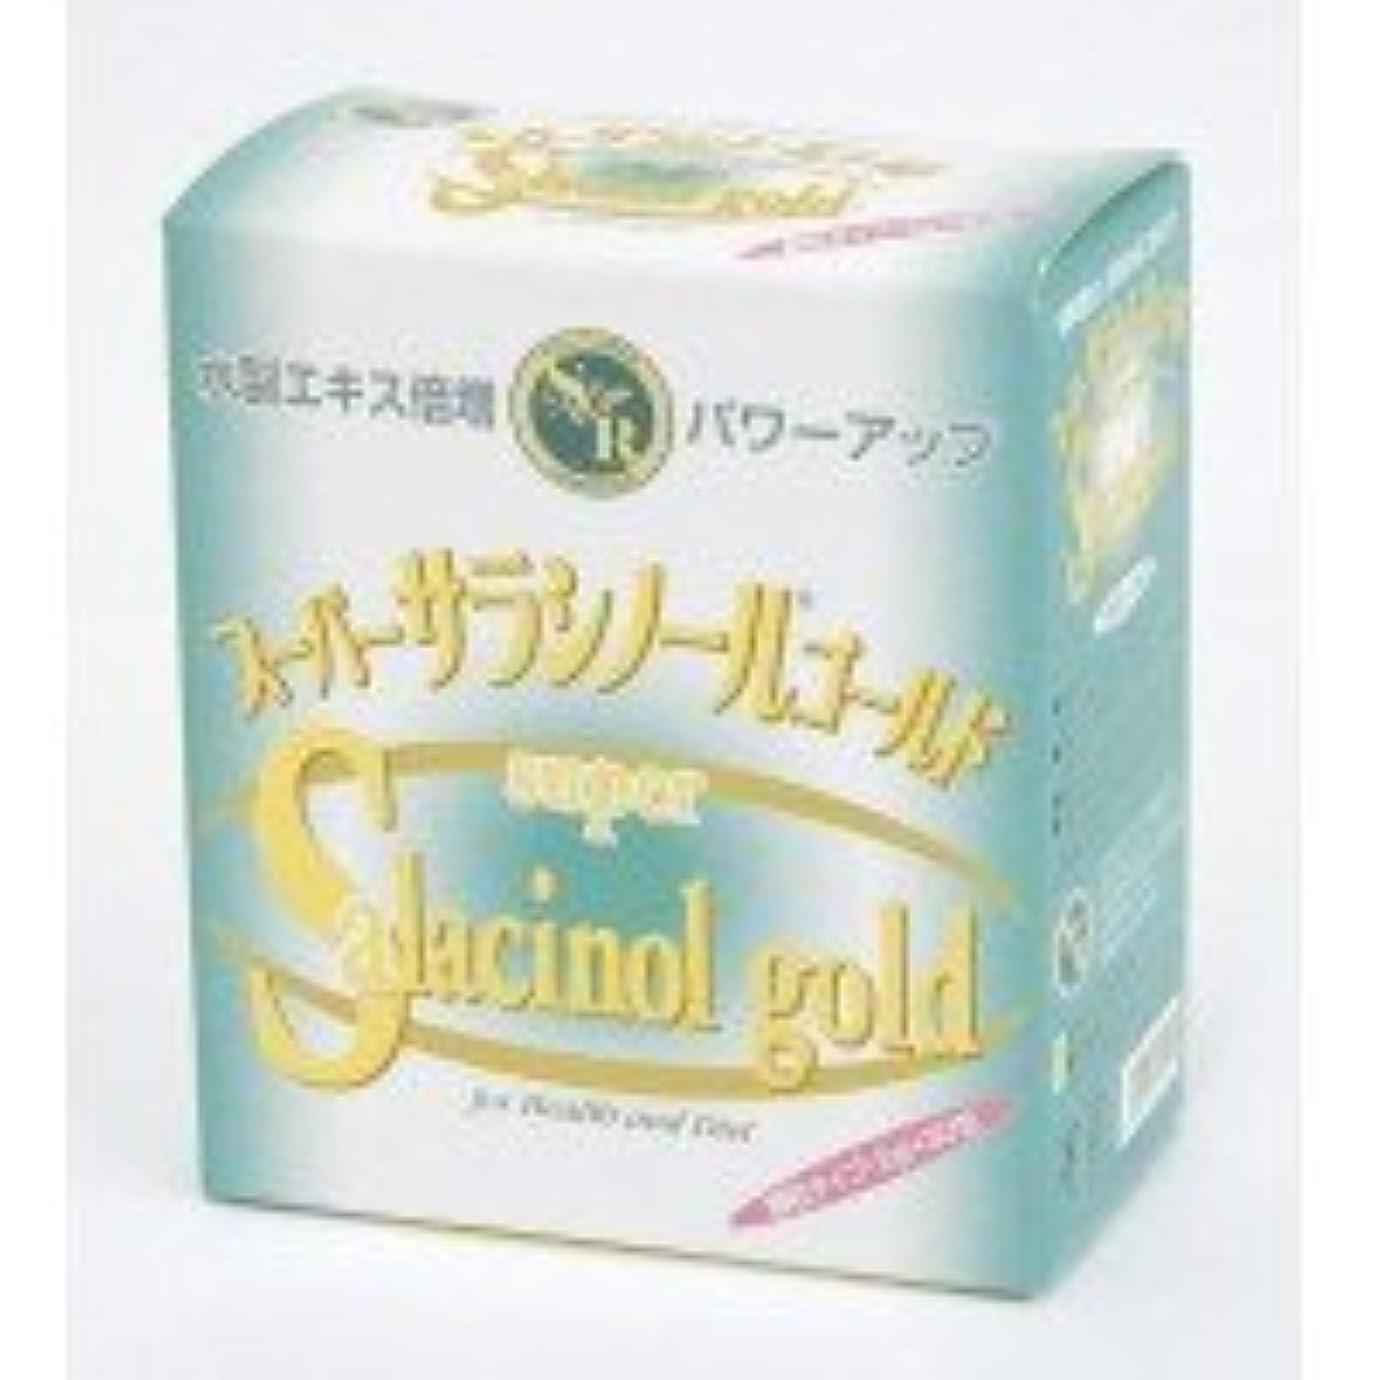 廃棄おんどりポンドジャパンヘルス スーパーサラシノールゴールド 2g×30包